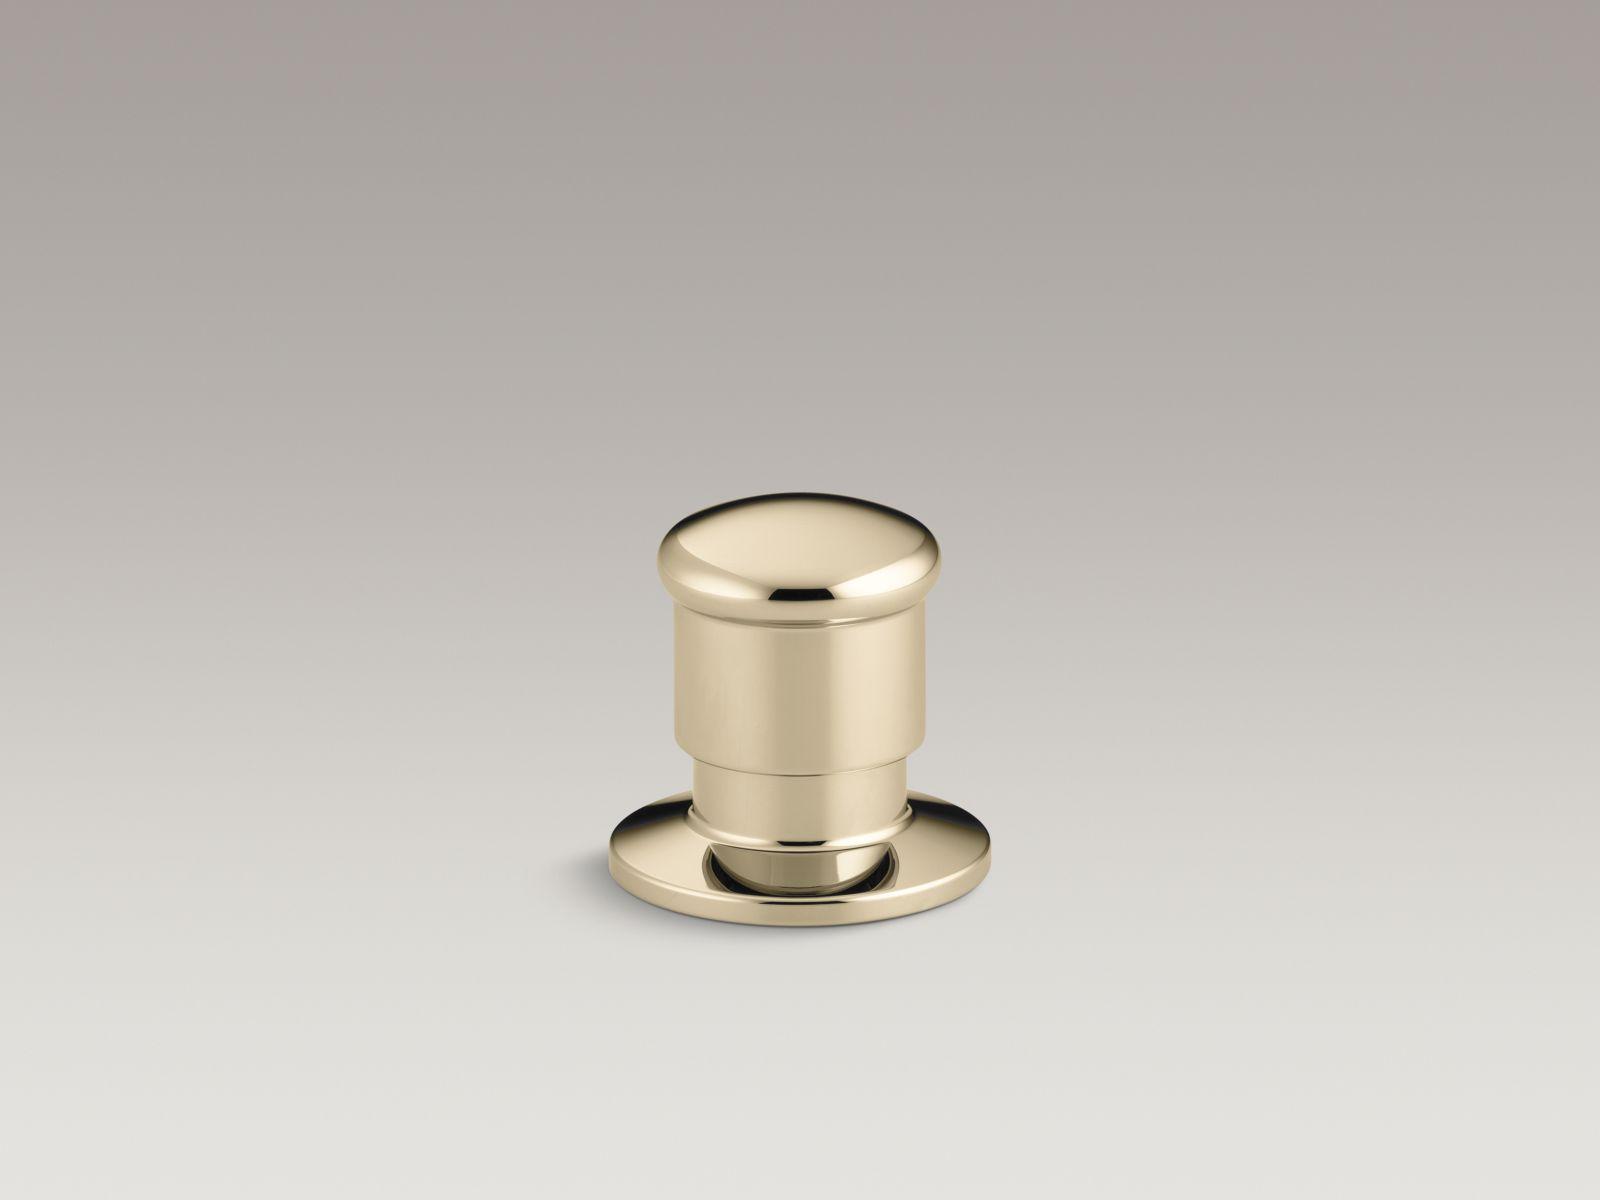 Kohler K-9530-AF Deck-Mount Two-Way Diverter Valve French Gold